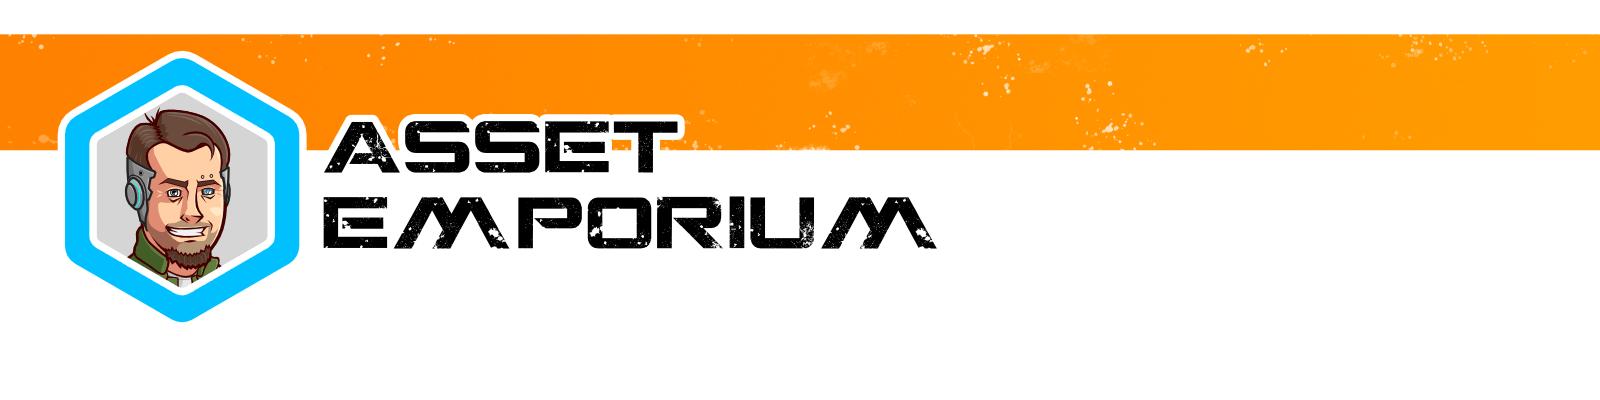 Asset Emporium